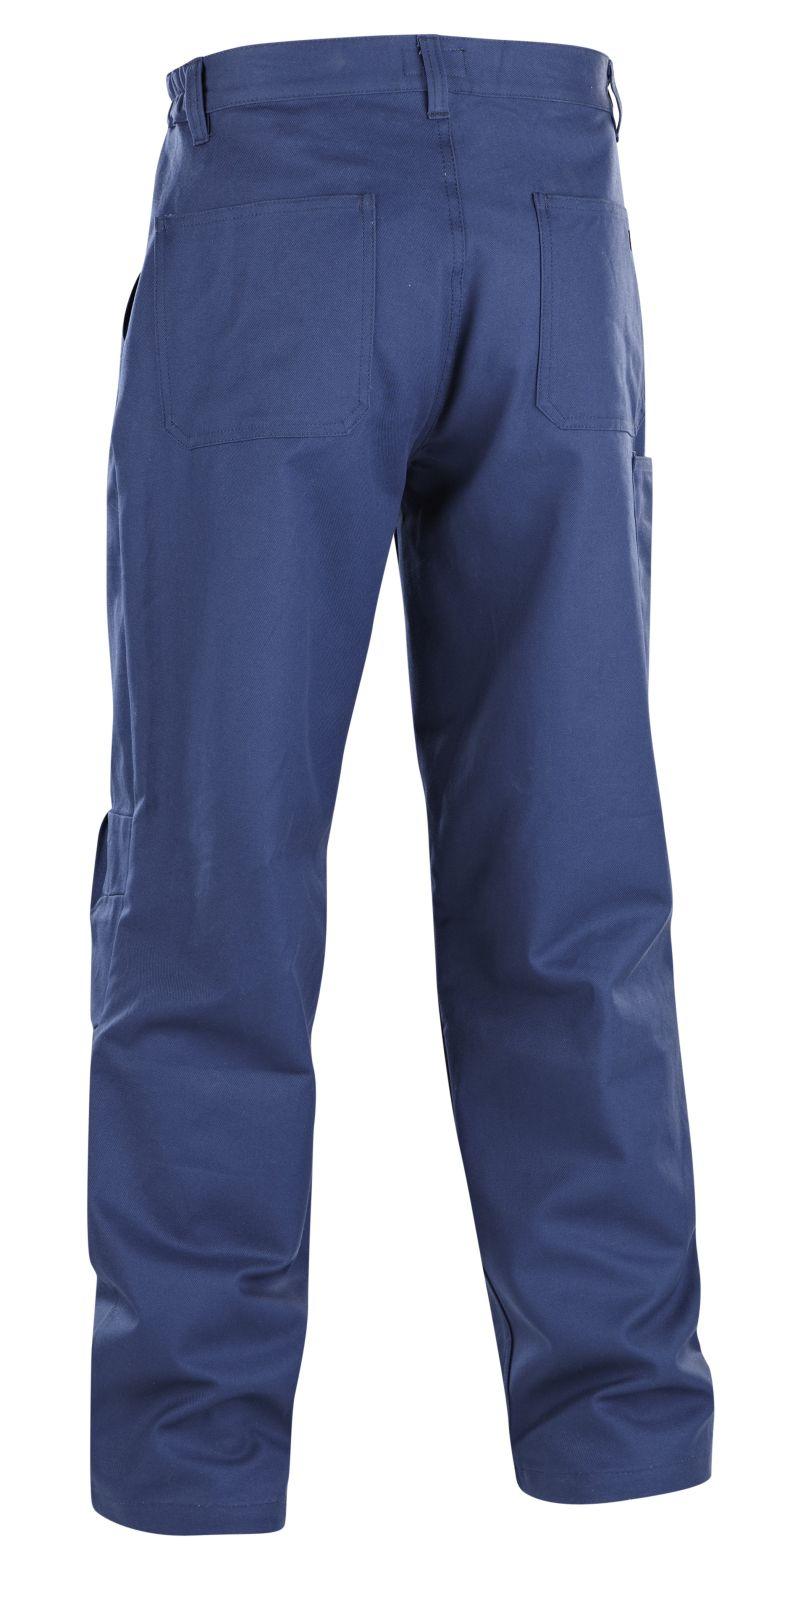 Blaklader Werkbroeken 17261210 marineblauw(8800)